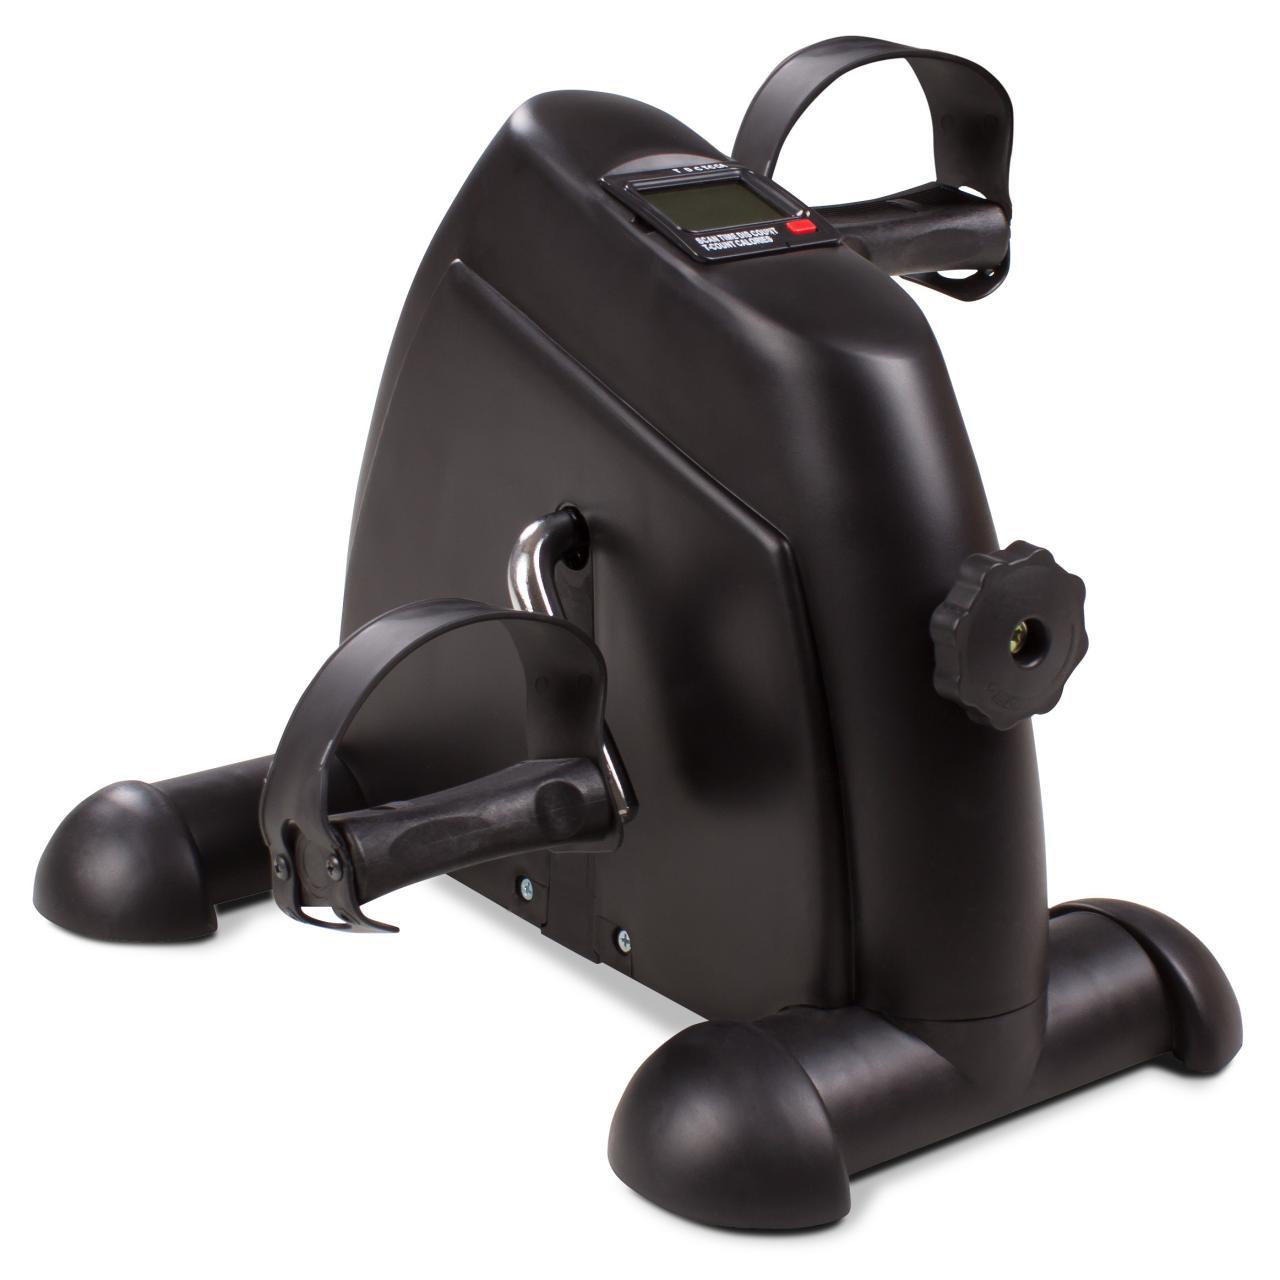 Pedaltrainer-Bewegungstrainer-Mini-Bike-Trainer-Heimtrainer-Arm-und-Beintrainer